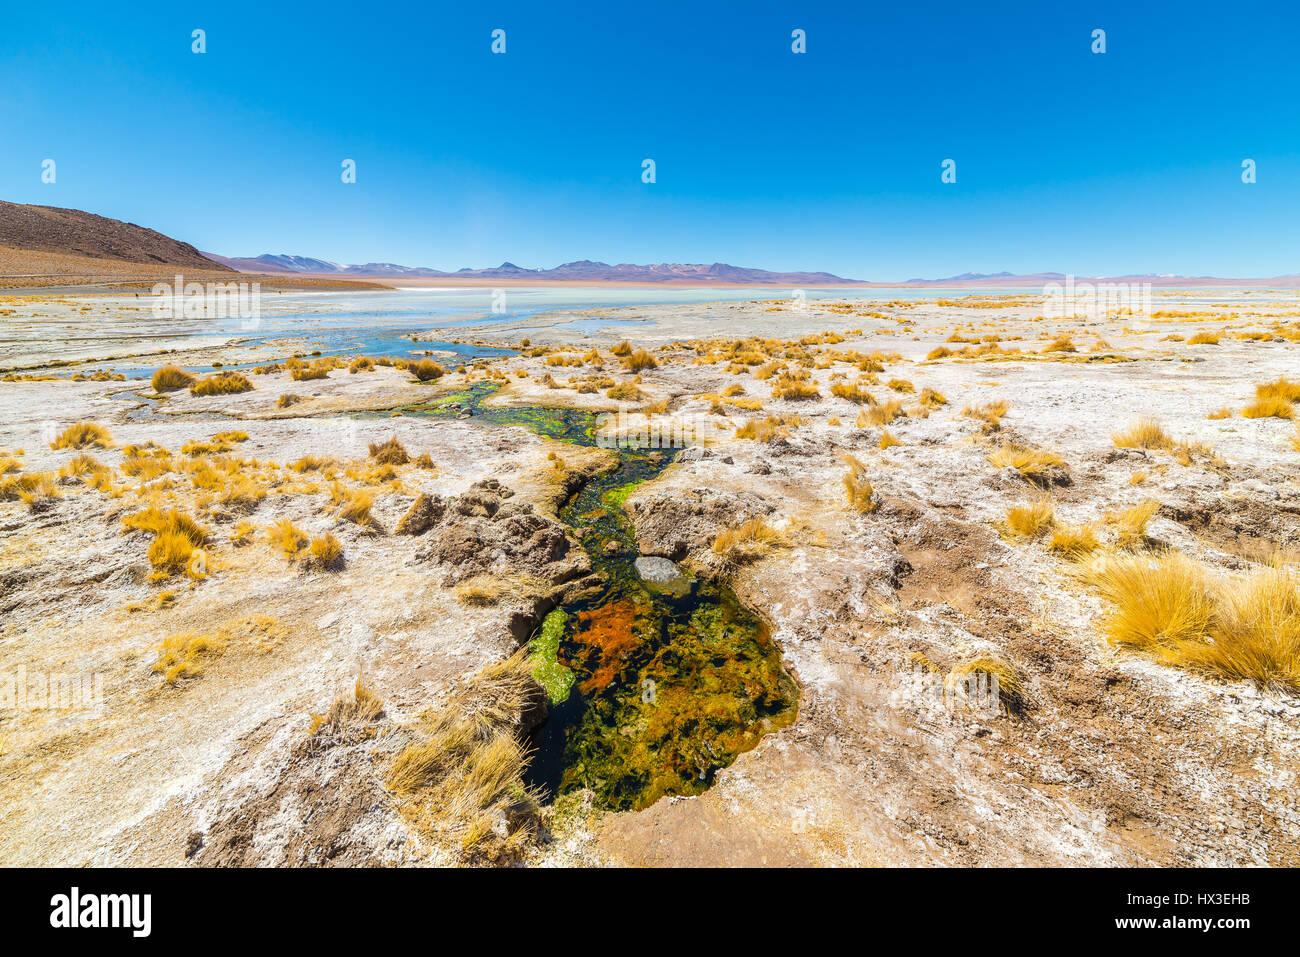 Colorido hot spring con depósitos de minerales y algas en la Cordillera de Los Andes, Bolivia. Salt Lake, cordillera Imagen De Stock